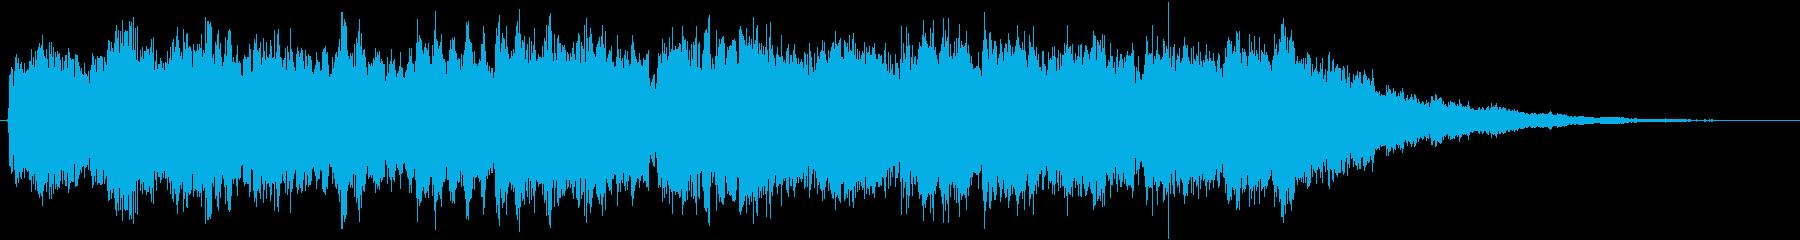 ティトンティトン・・・上がっていくベル音の再生済みの波形